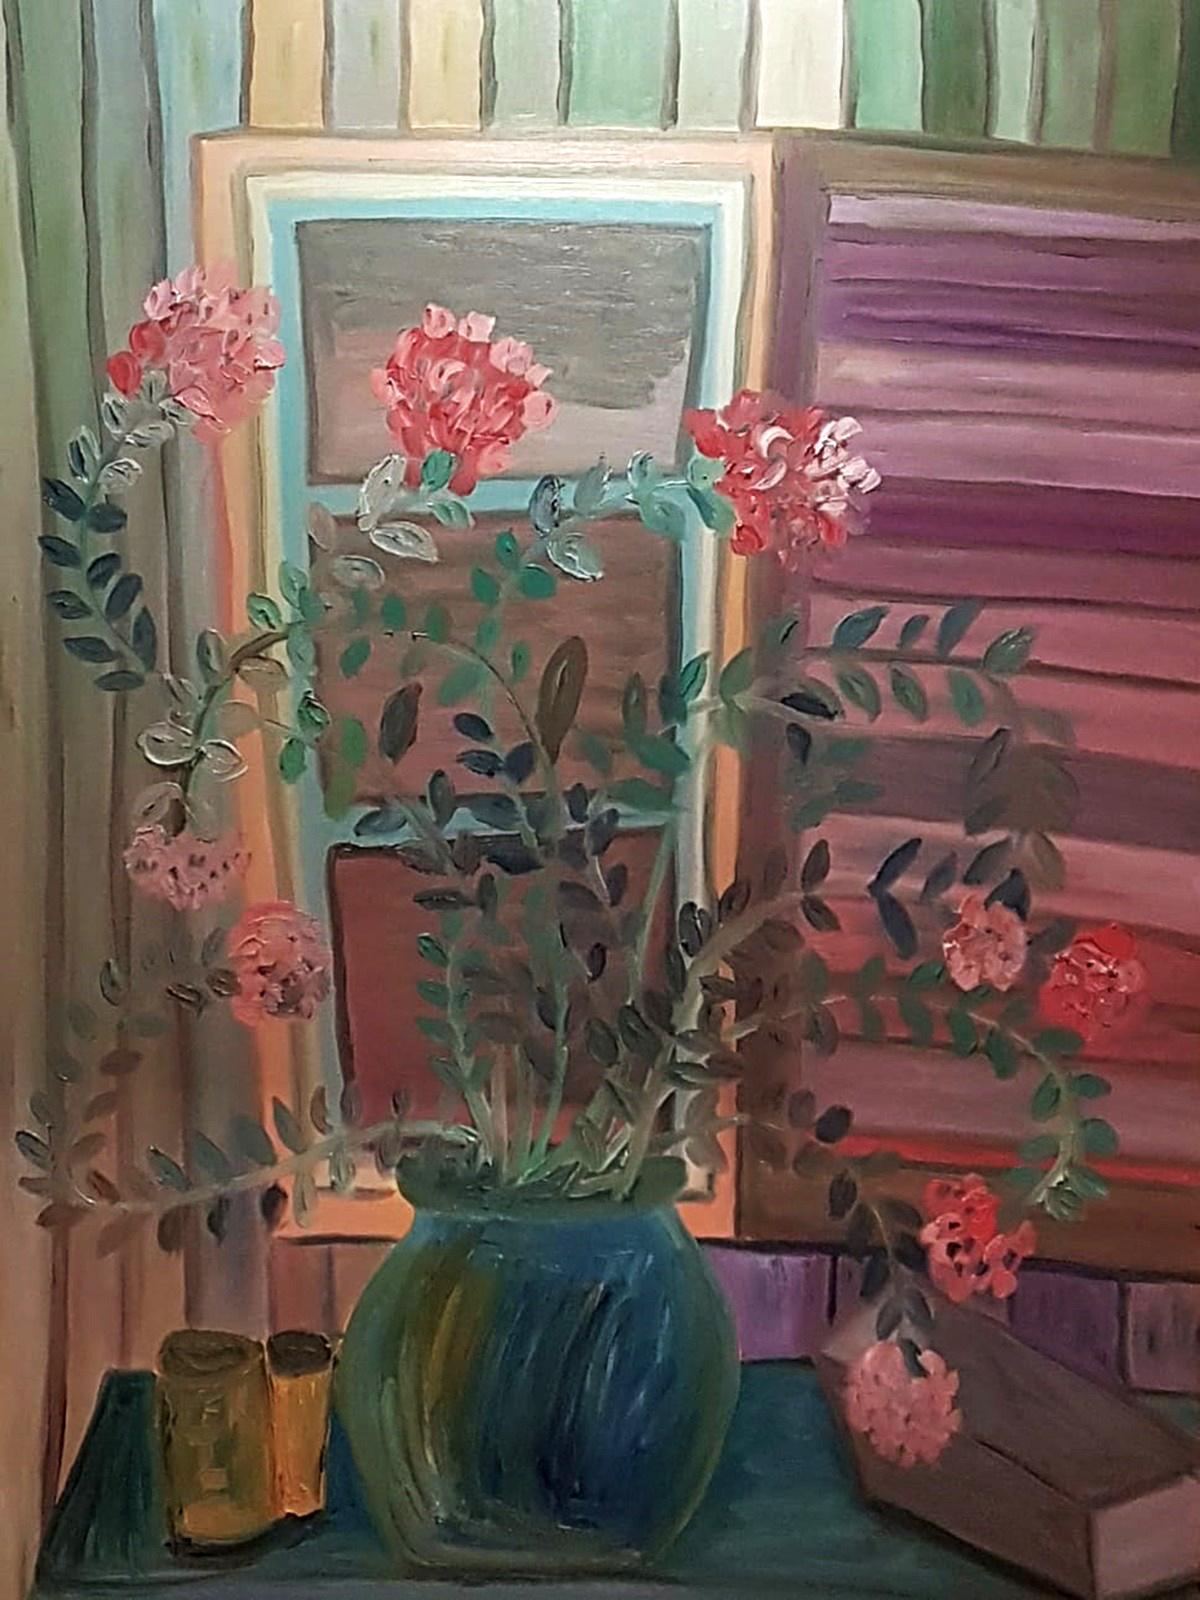 Dondi Schwartz, Summer Presence, oil on canvas, 120x90 cm